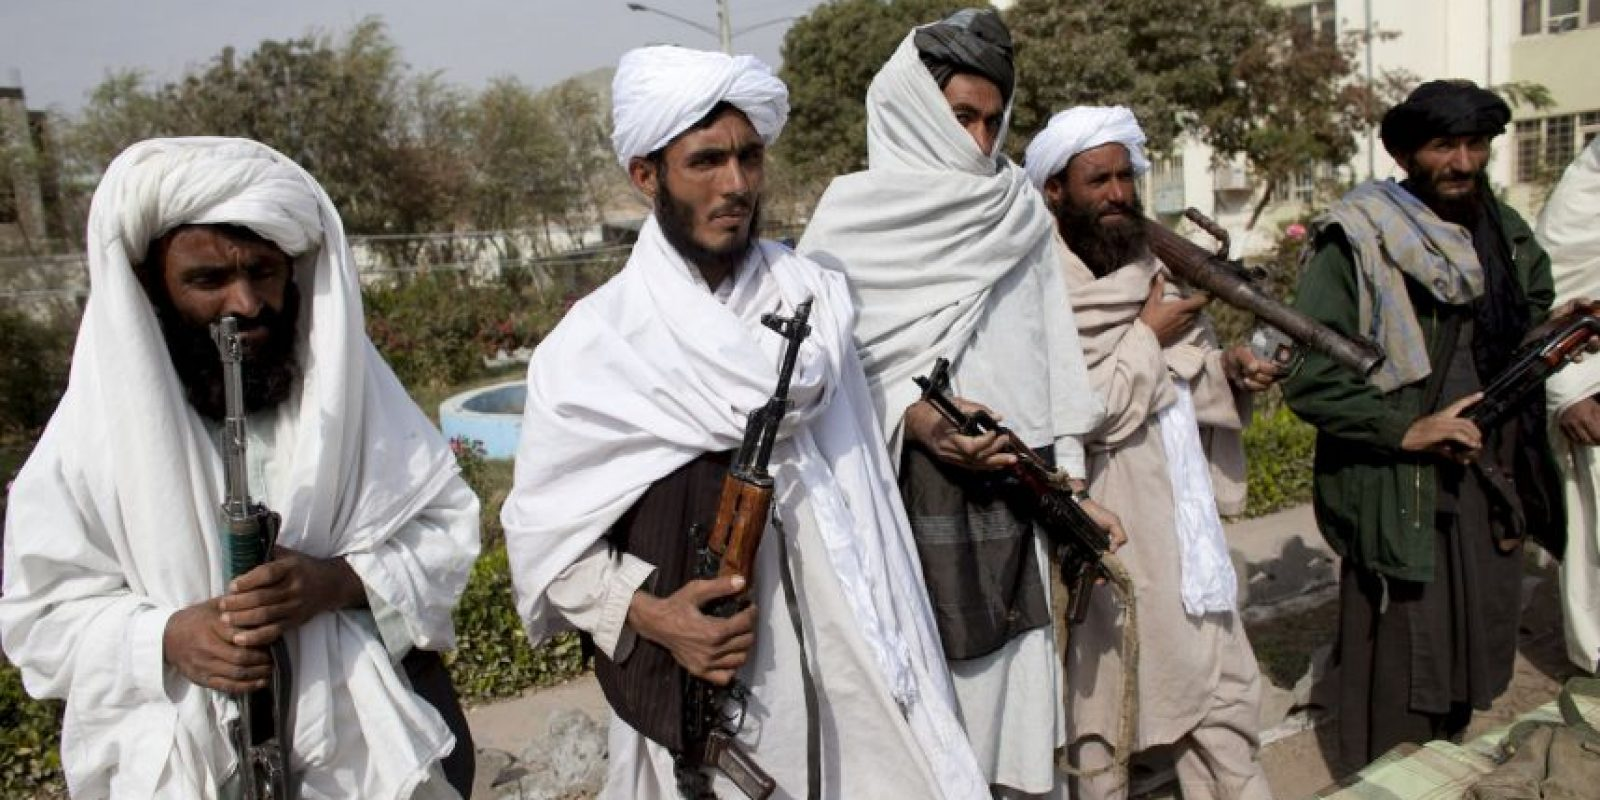 7. Alianzas con otros grupos extremistas Foto:AFP